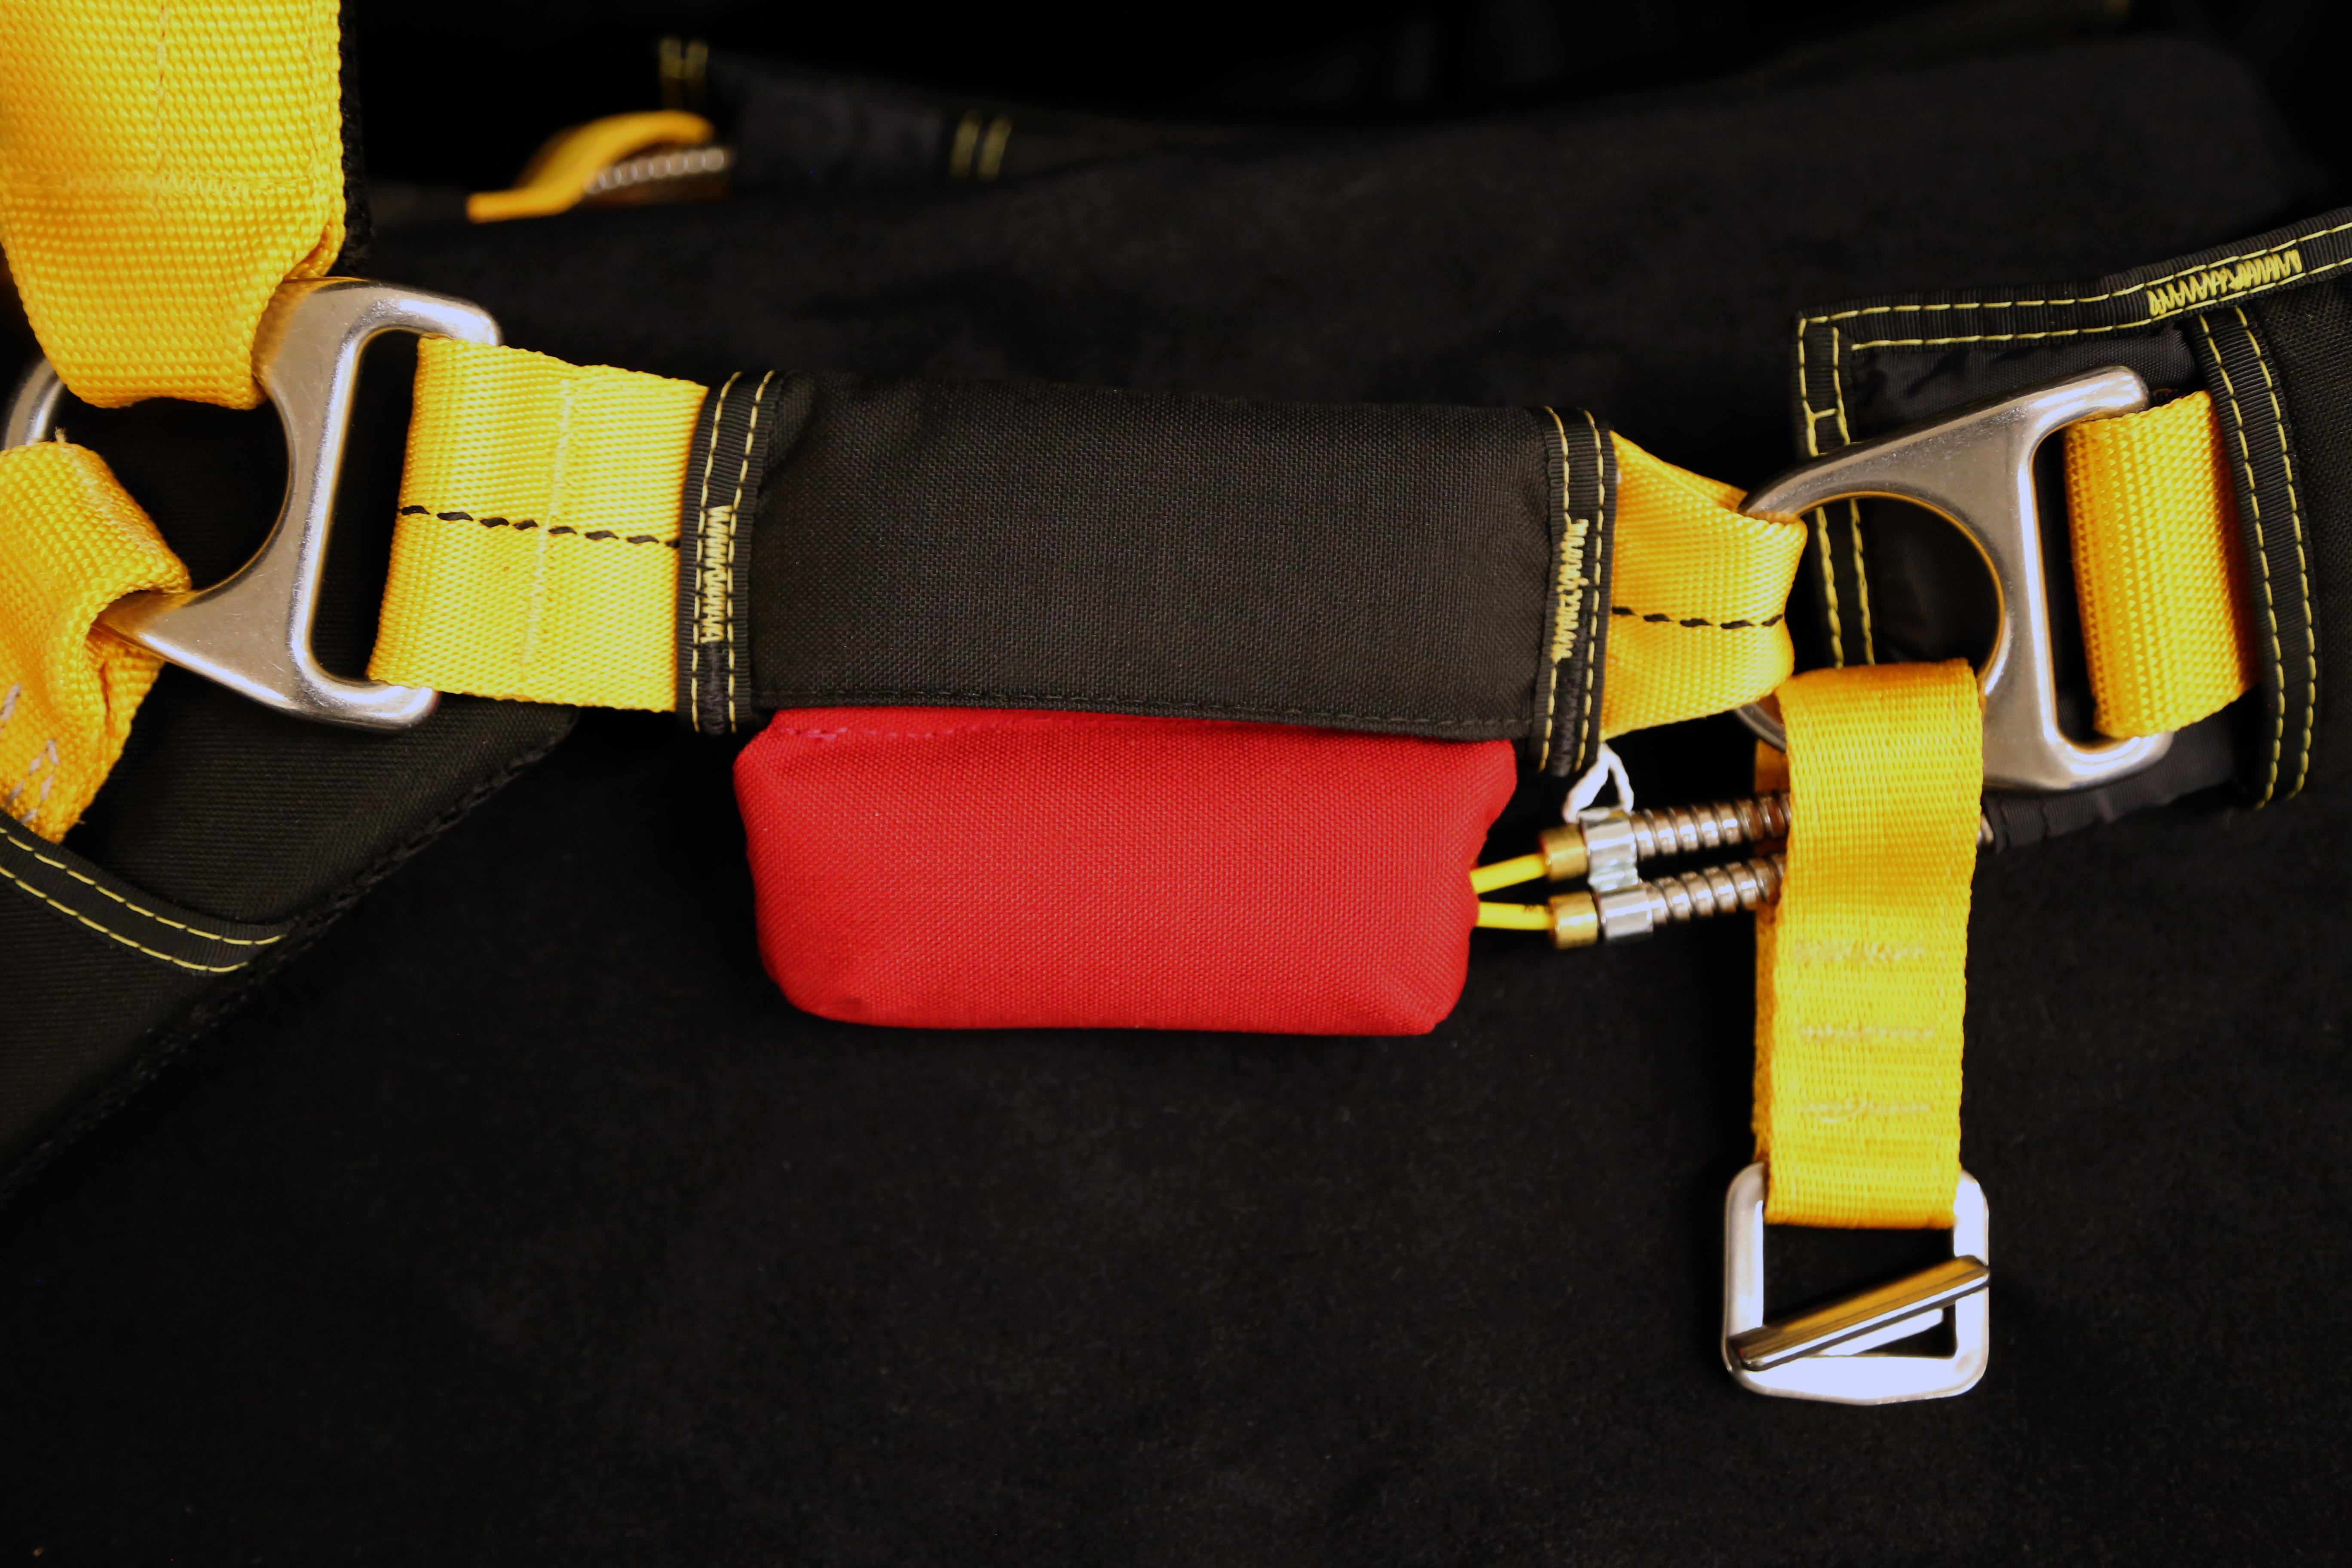 2ccab4e9e565 Big cutaway handles